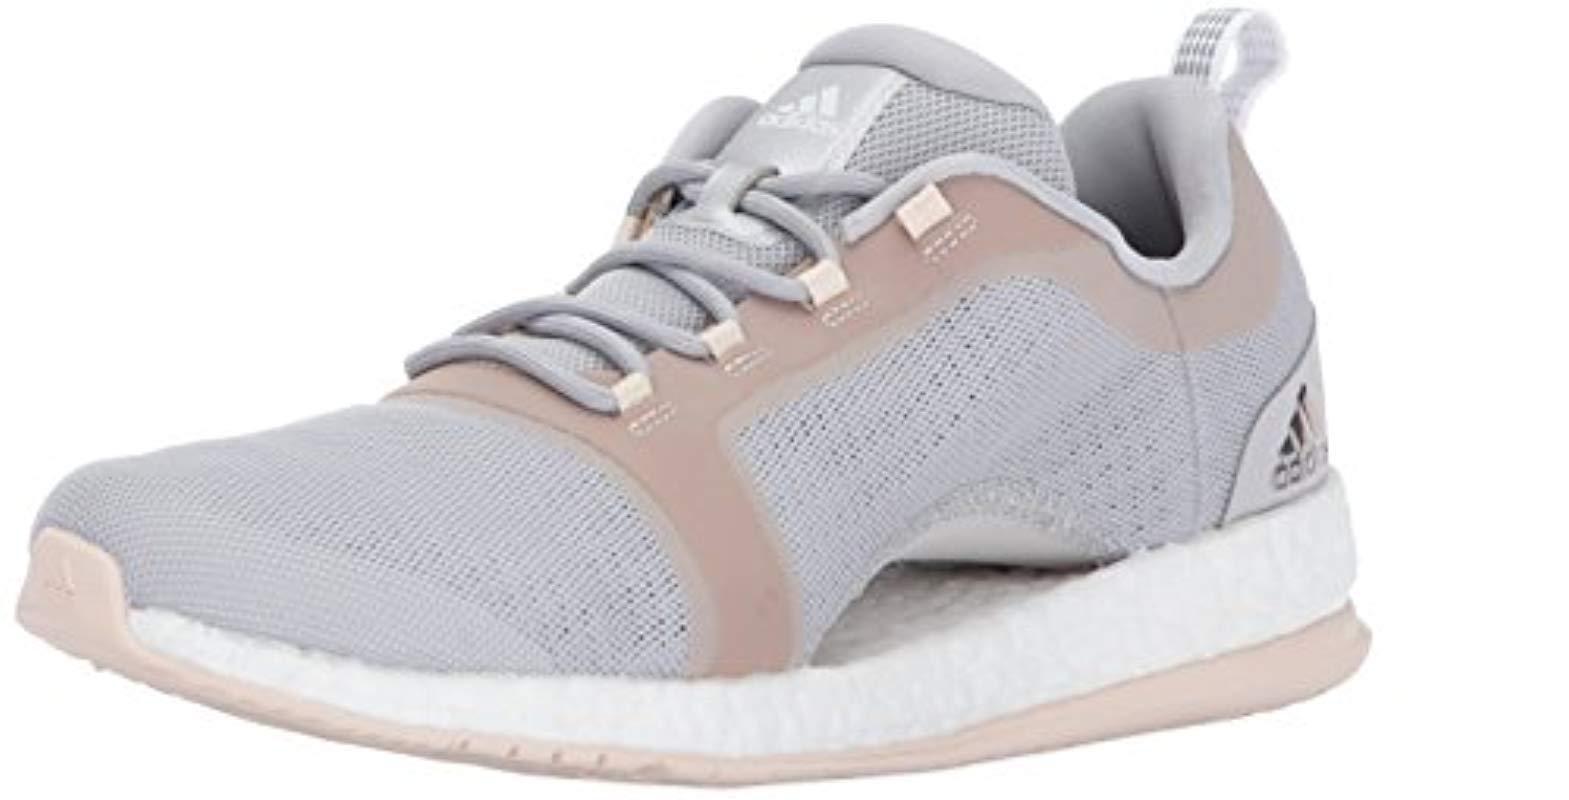 c1bd1ff14efe4 Lyst - adidas Pureboost X Tr 2 Running Shoe